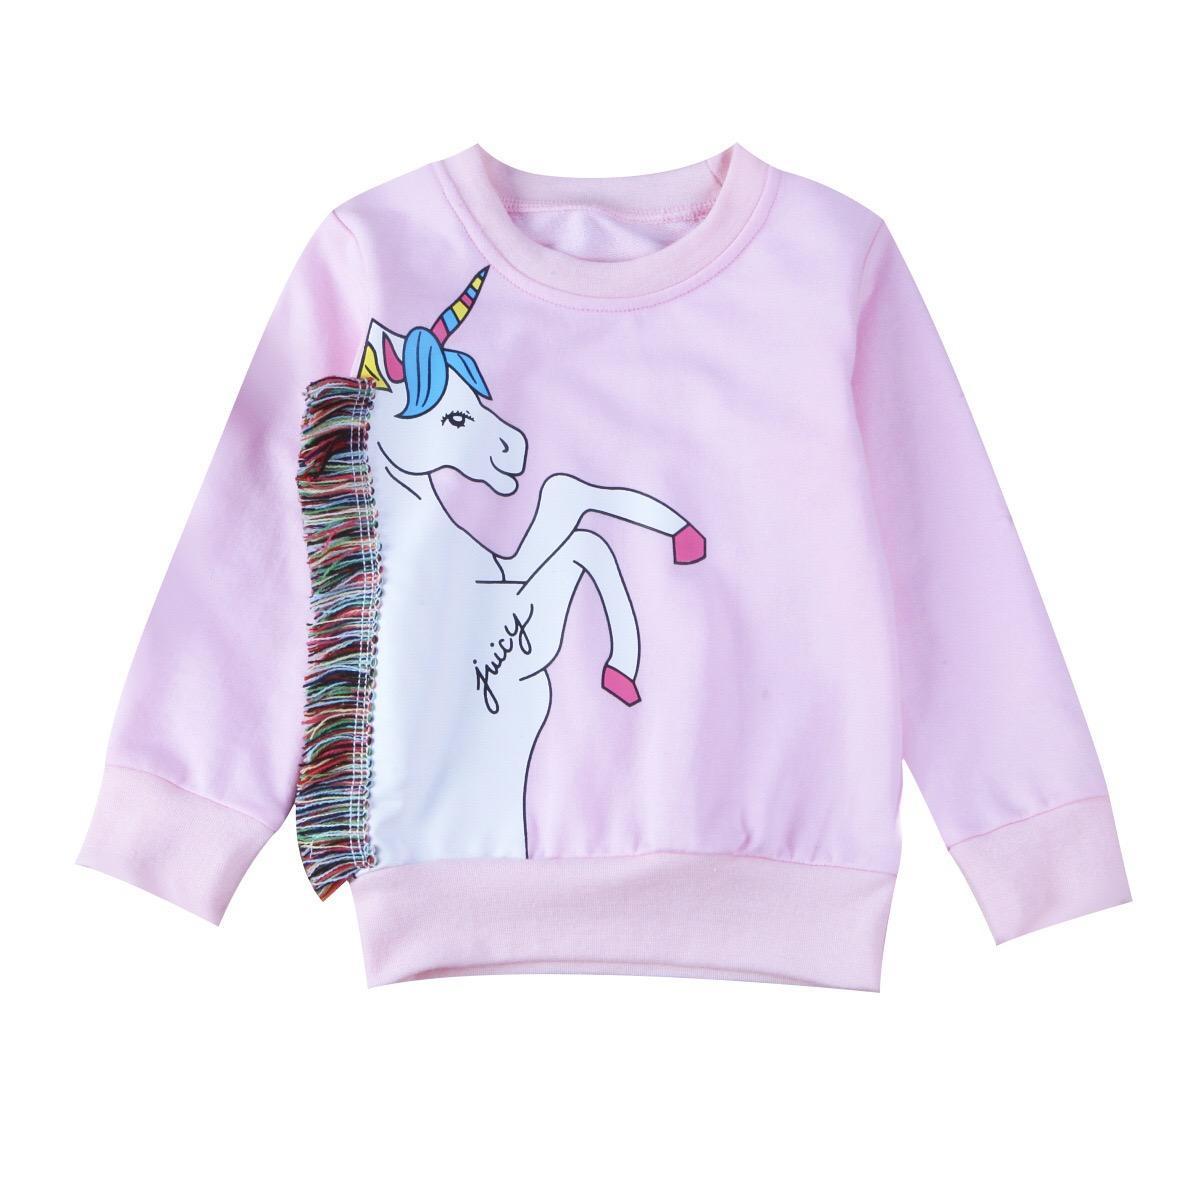 Хлопковый свитшот с длинными рукавами и принтом в виде героев мультфильмов без капюшона для маленьких девочек